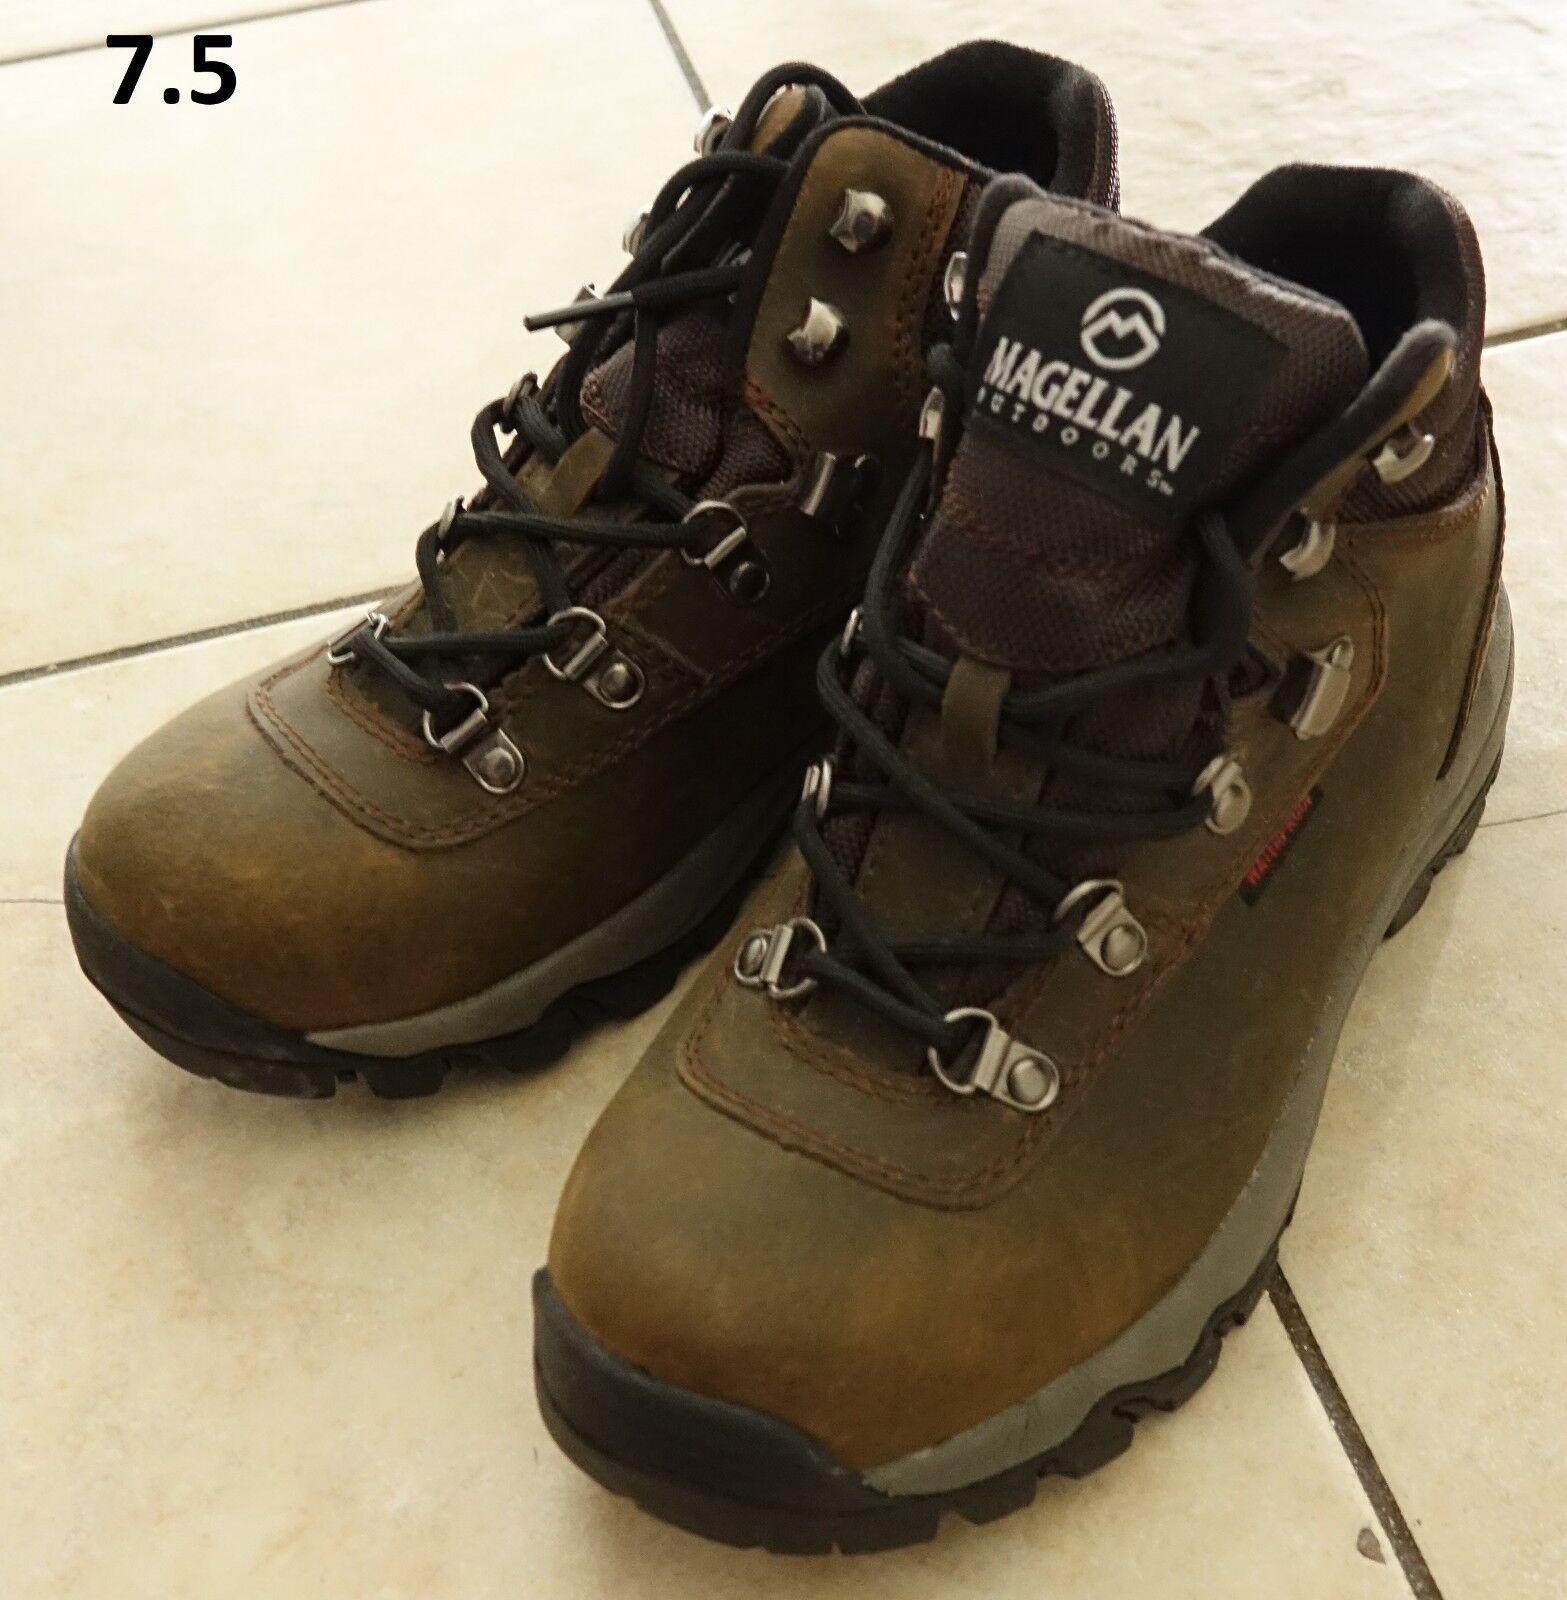 71a2581a476 Magellan Outdoors Women's WP Harper Hiking Boots, women's 7.5,8,8.5-READ  BELLOW